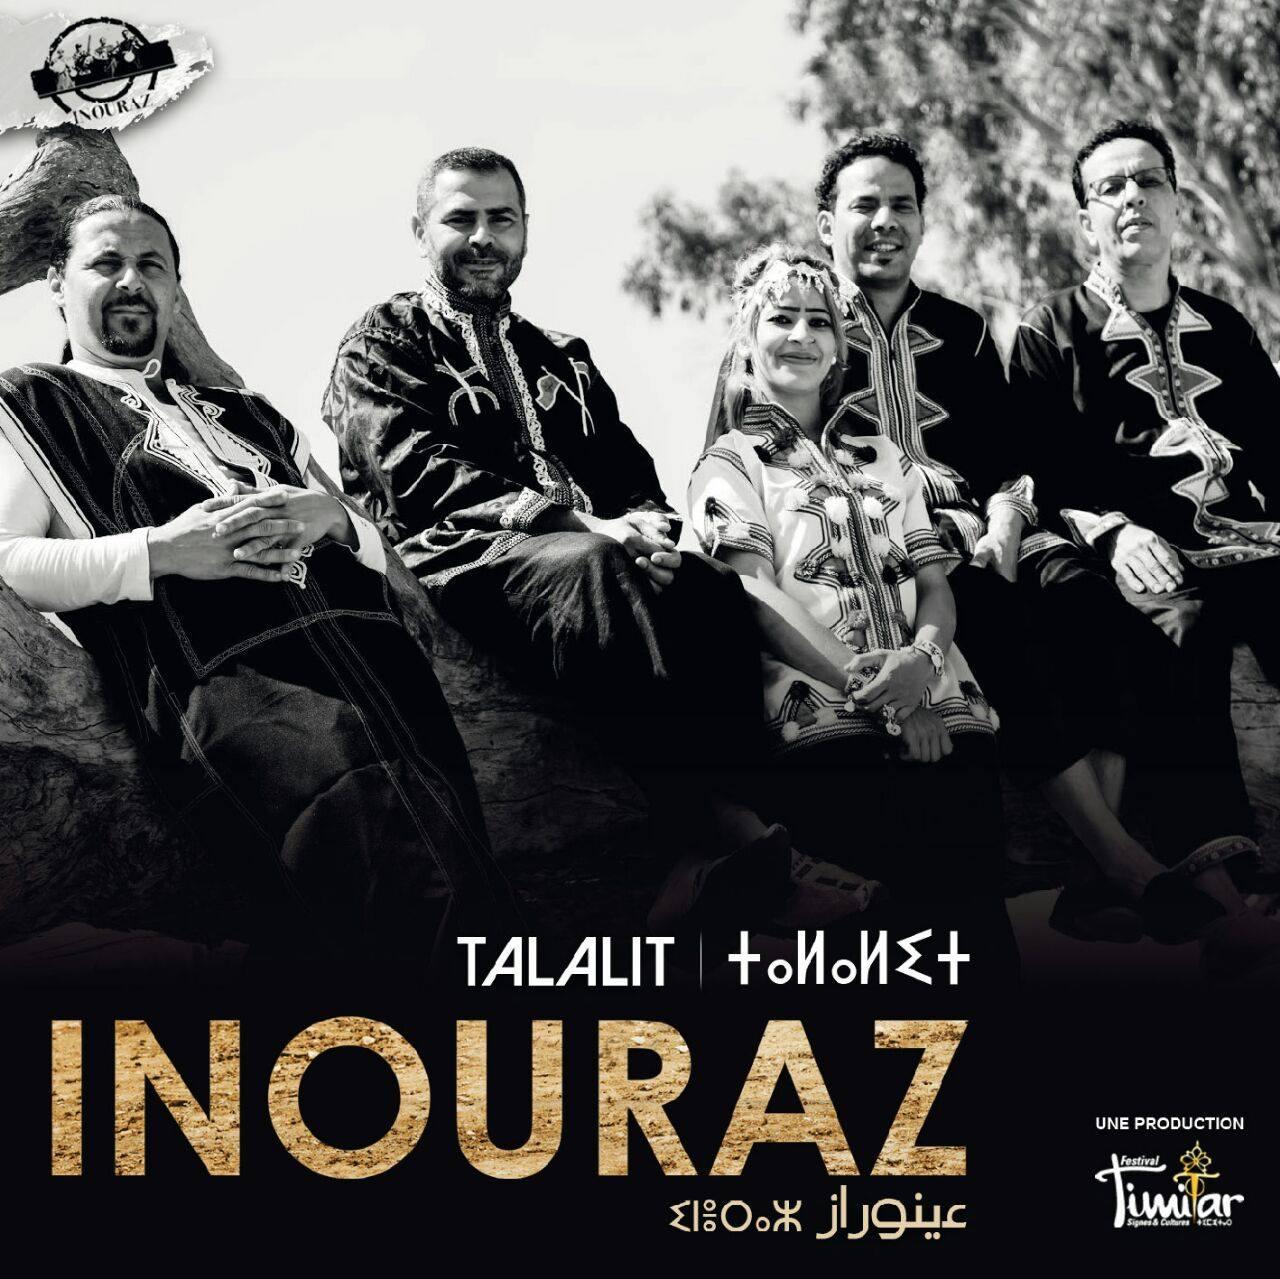 """مهرجان تيميتار وراء إنتاج ألبوم """"تلاليت"""" لمجموعة إينوراز"""